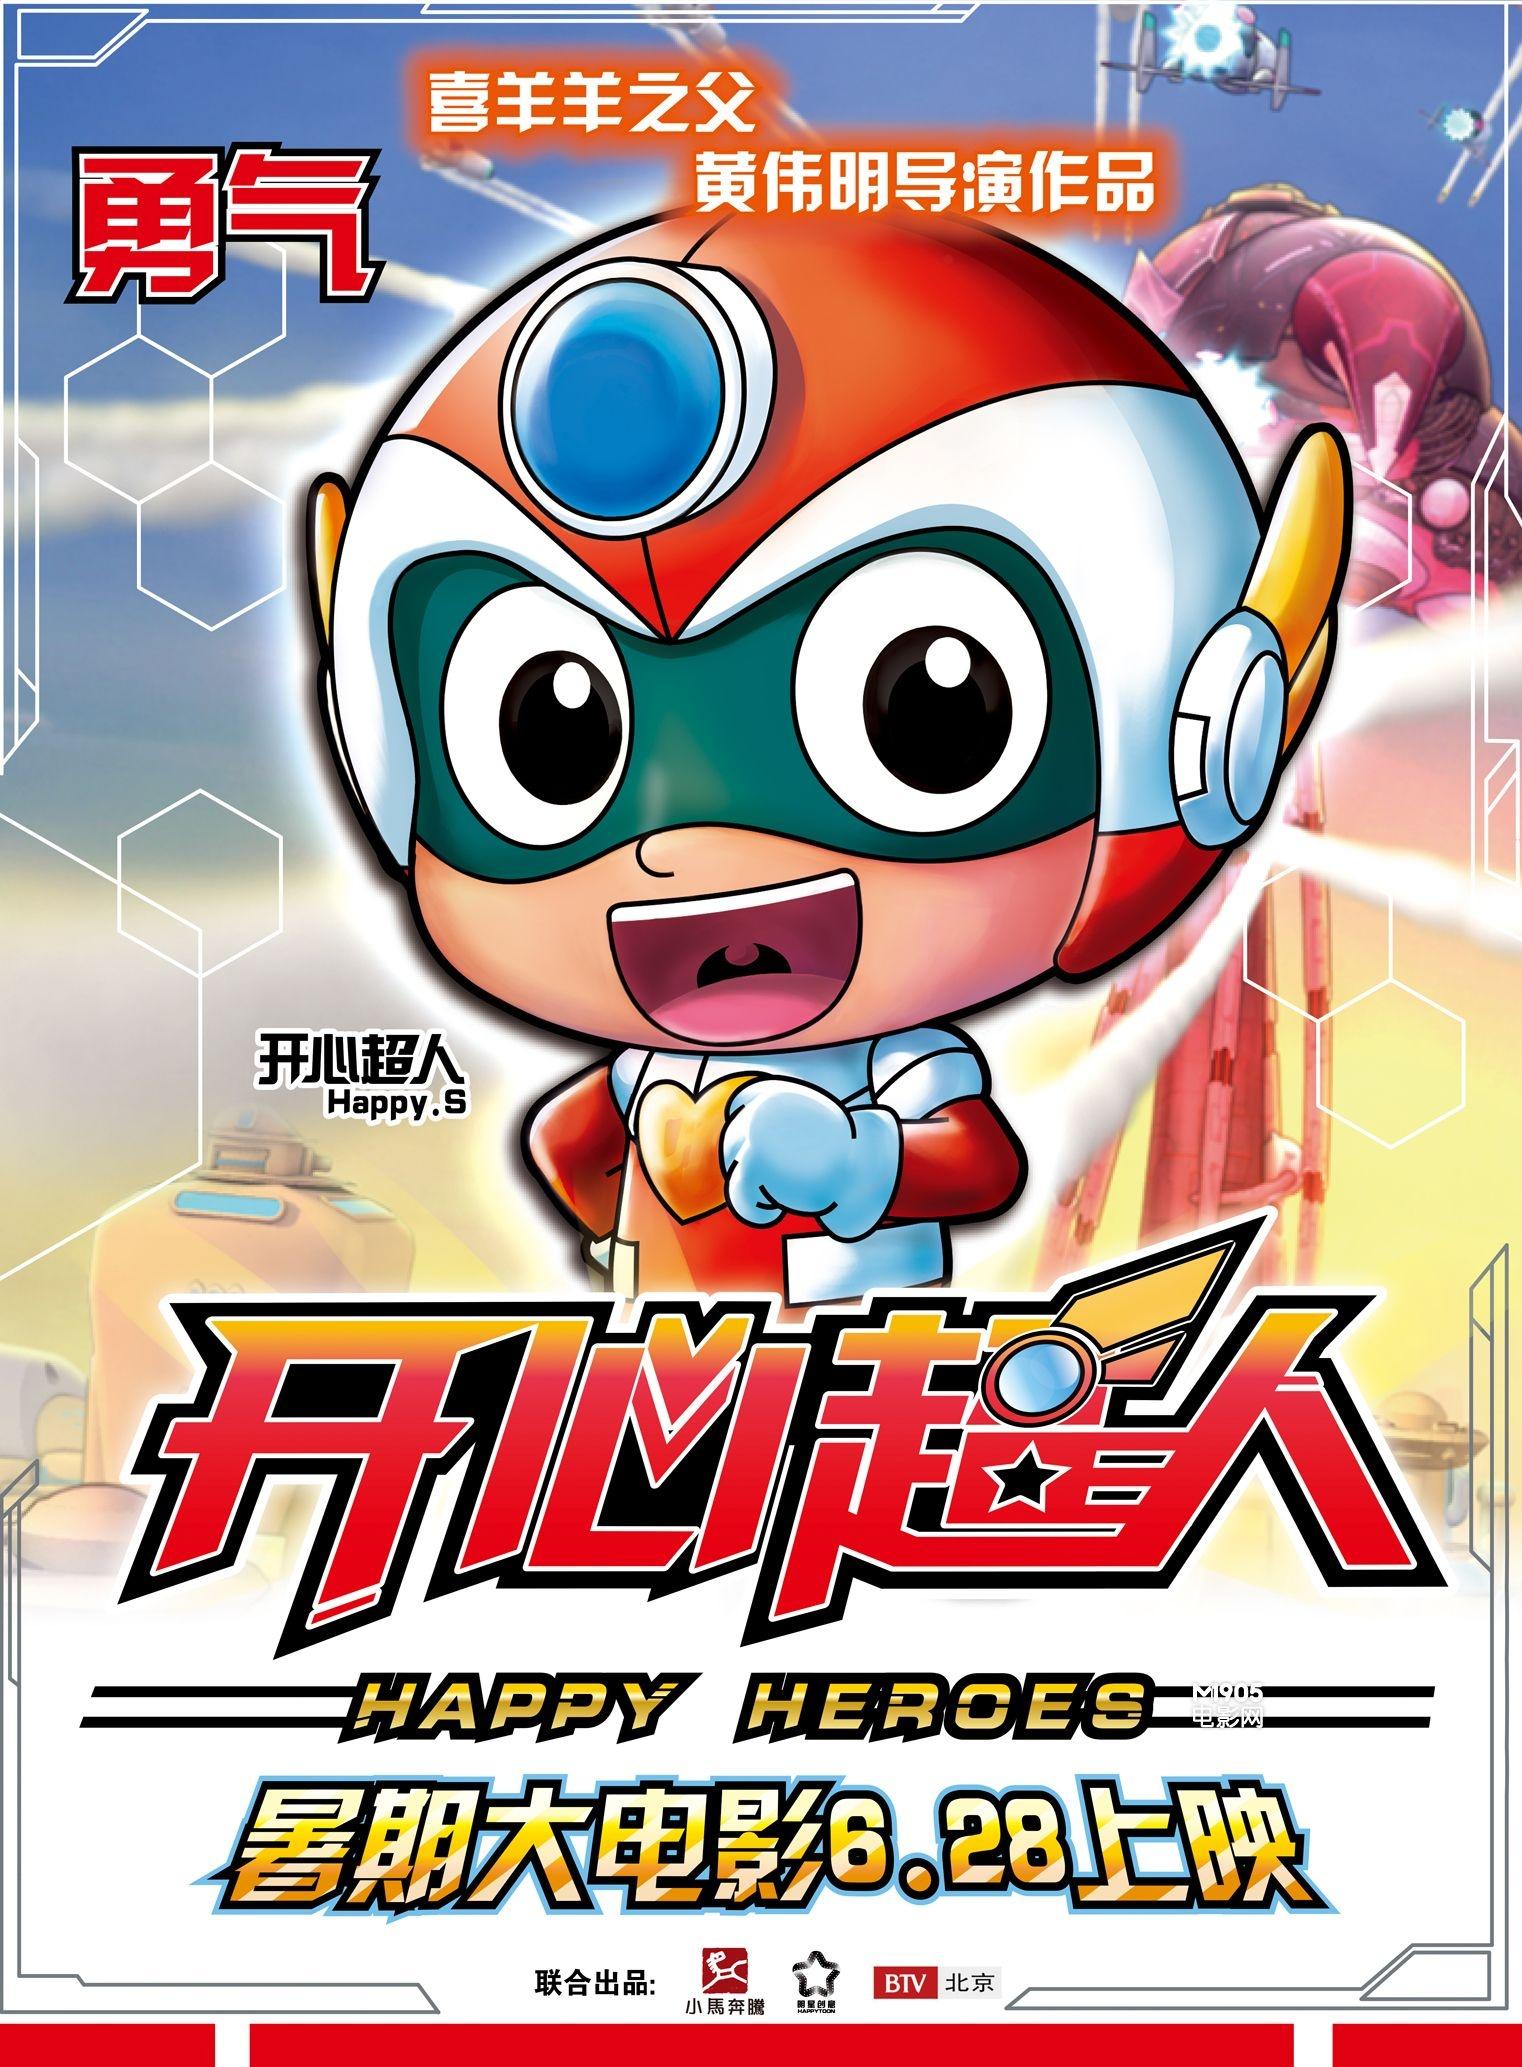 传递正能量图片_《开心超人》发单人海报 首部超人动画正三观_华语制造_图集 ...